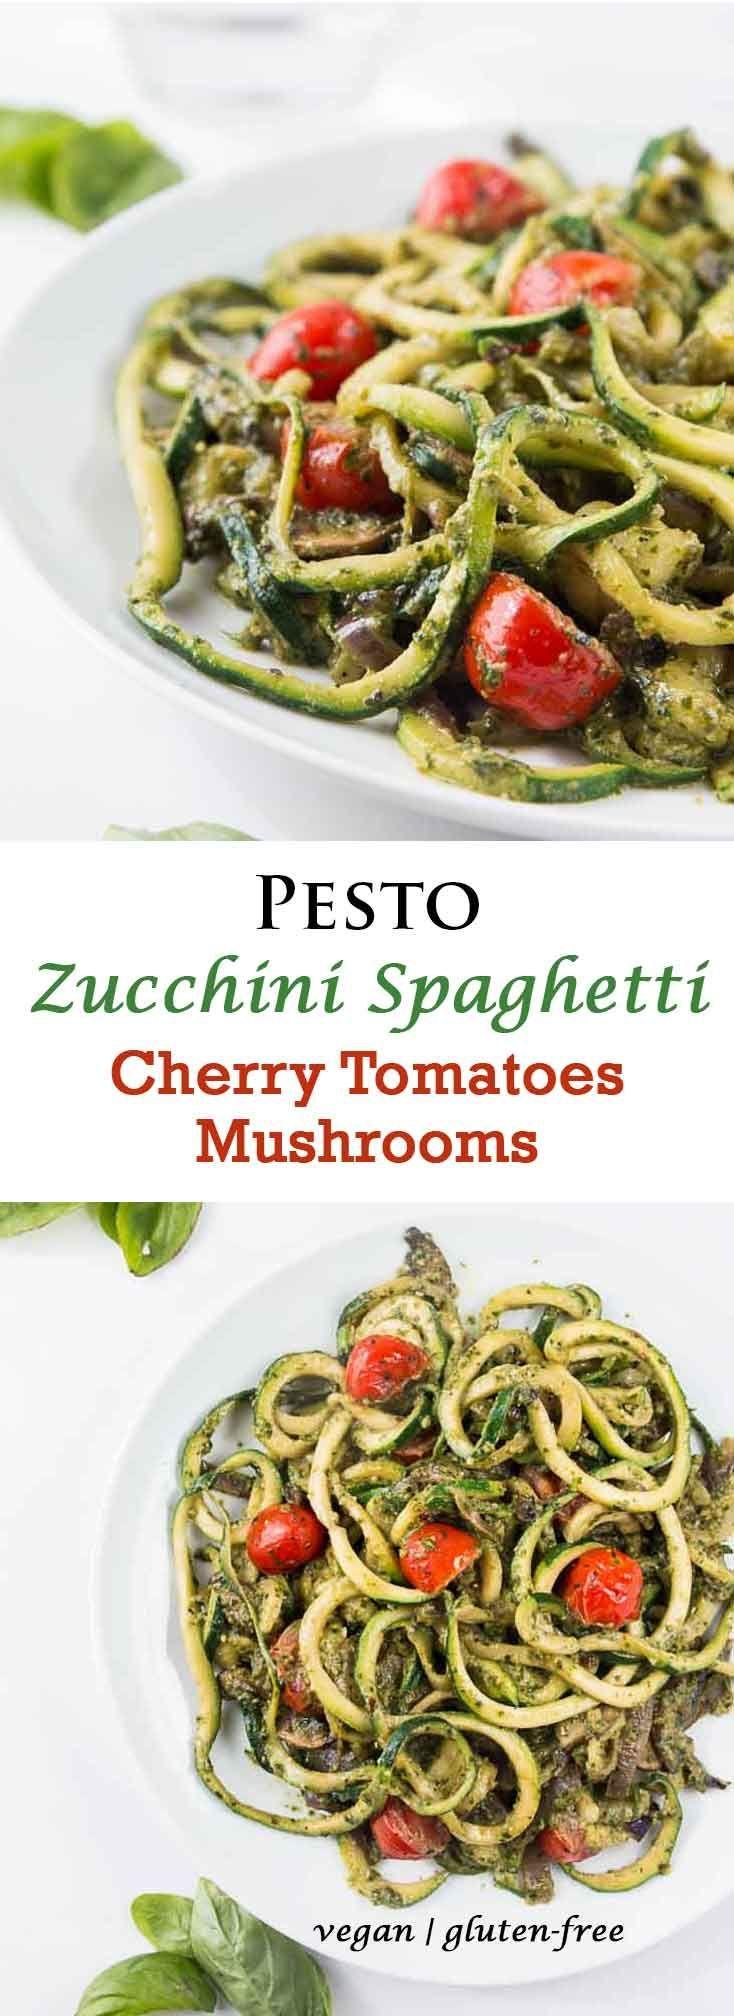 Pesto Zucchini Spaghetti Recipe with Cherry Tomatoes & Mushrooms #vegan #glutenfree | Vegetarian Gastronomy | www.Vegetariangastronomy.com